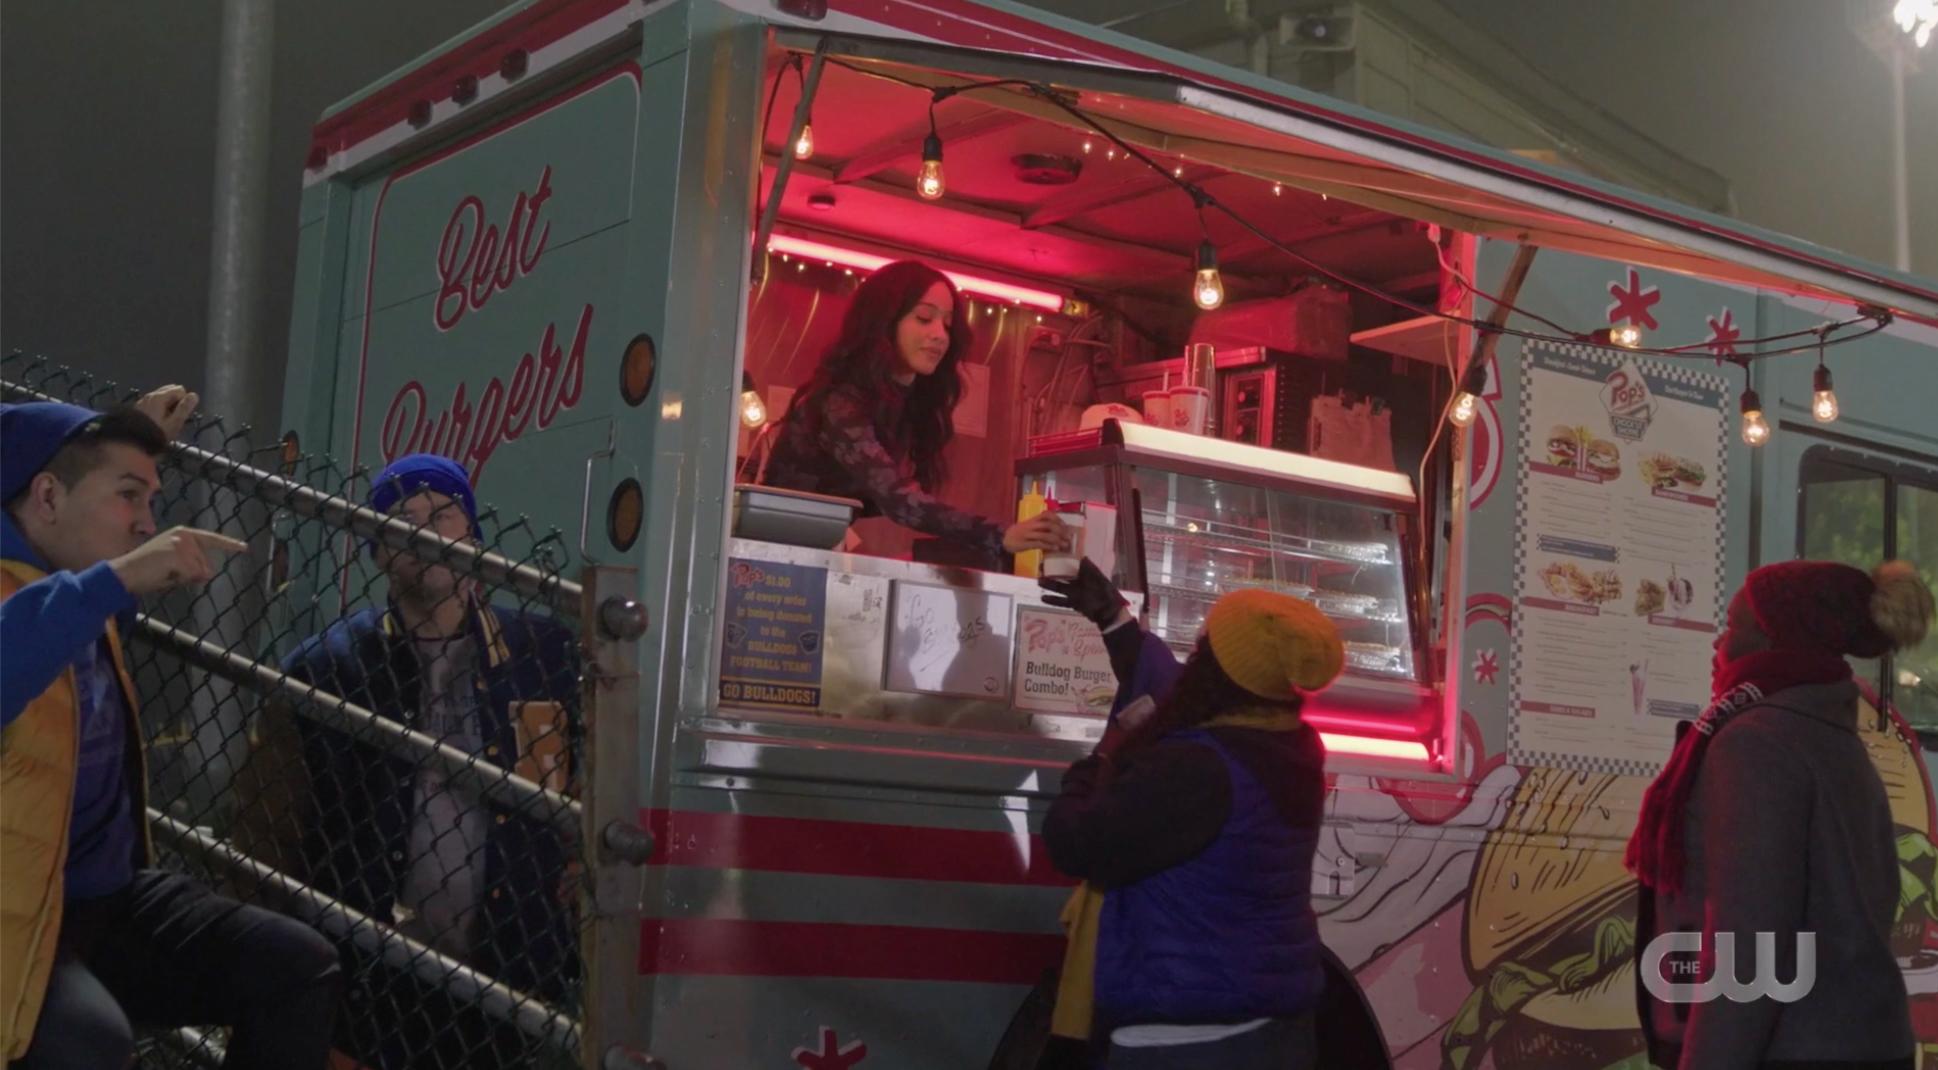 Pop's food truck